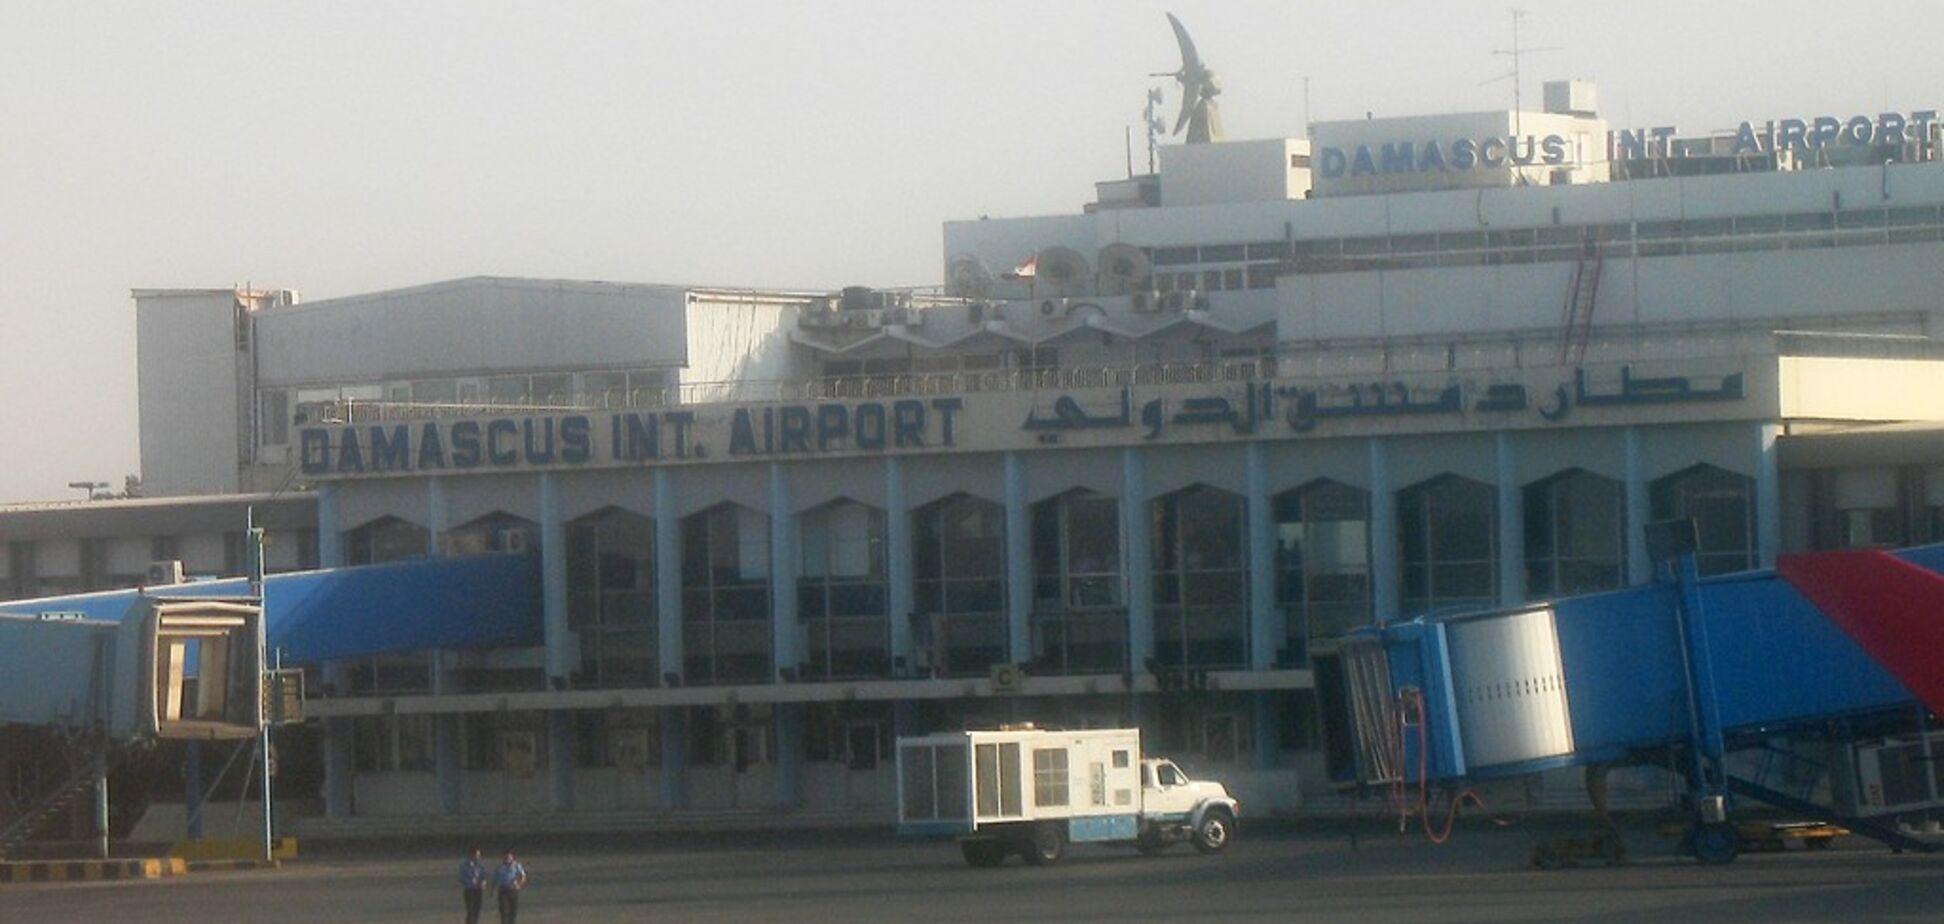 Ізраїль завдав авіаудару по міжнародному аеропорту Сирії: що сталося